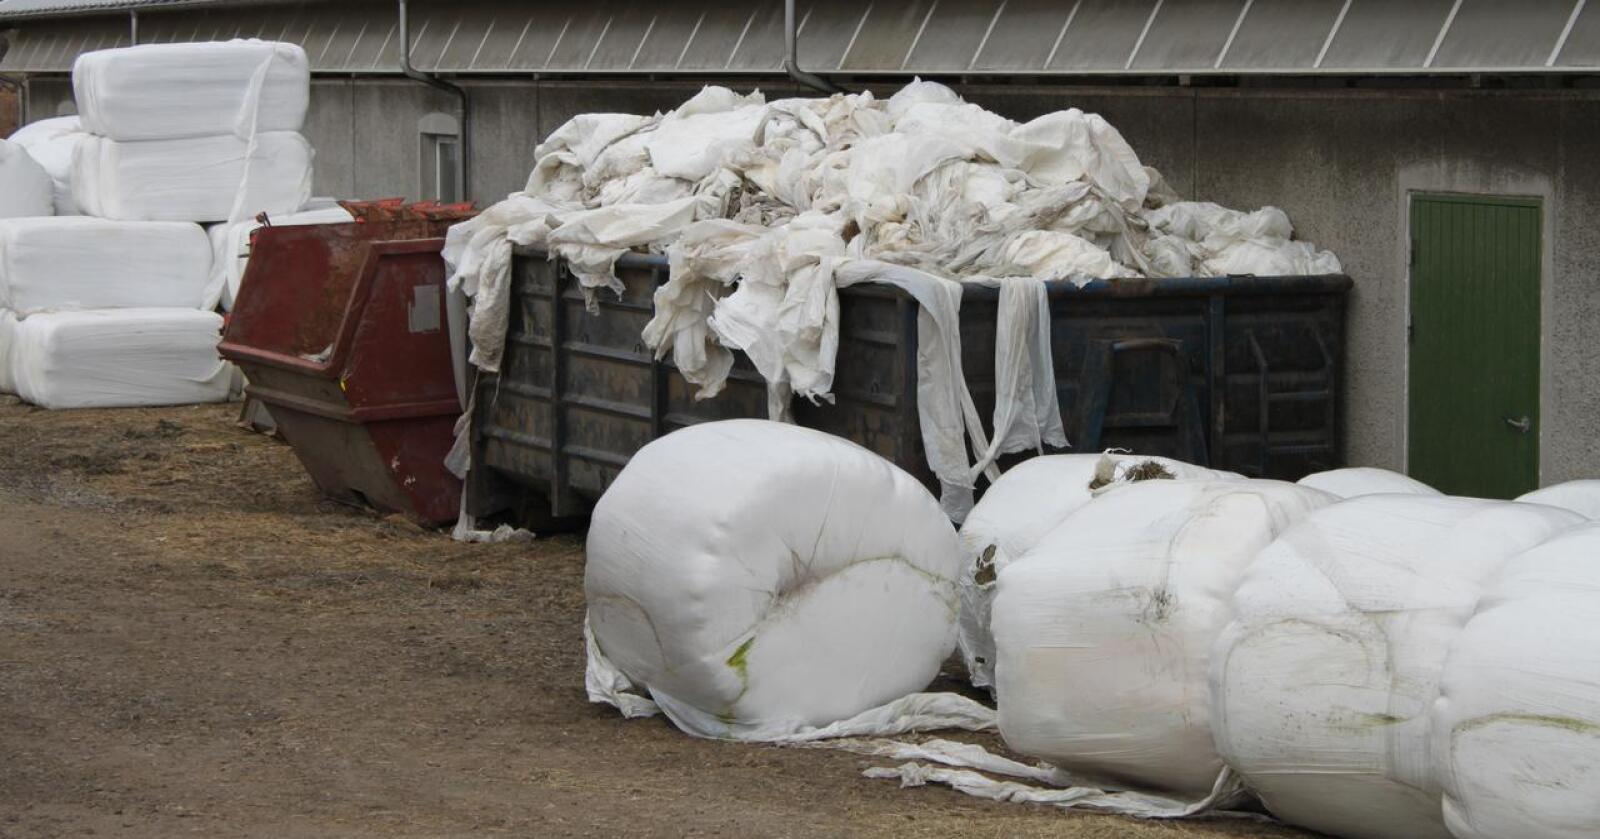 GRATIS: Så lenge den er rein og komprimert, henter Felleskjøpet plasten gratis, samtidig som de leverer andre varer på gården. Arkivfoto: Norsk Landbruk.